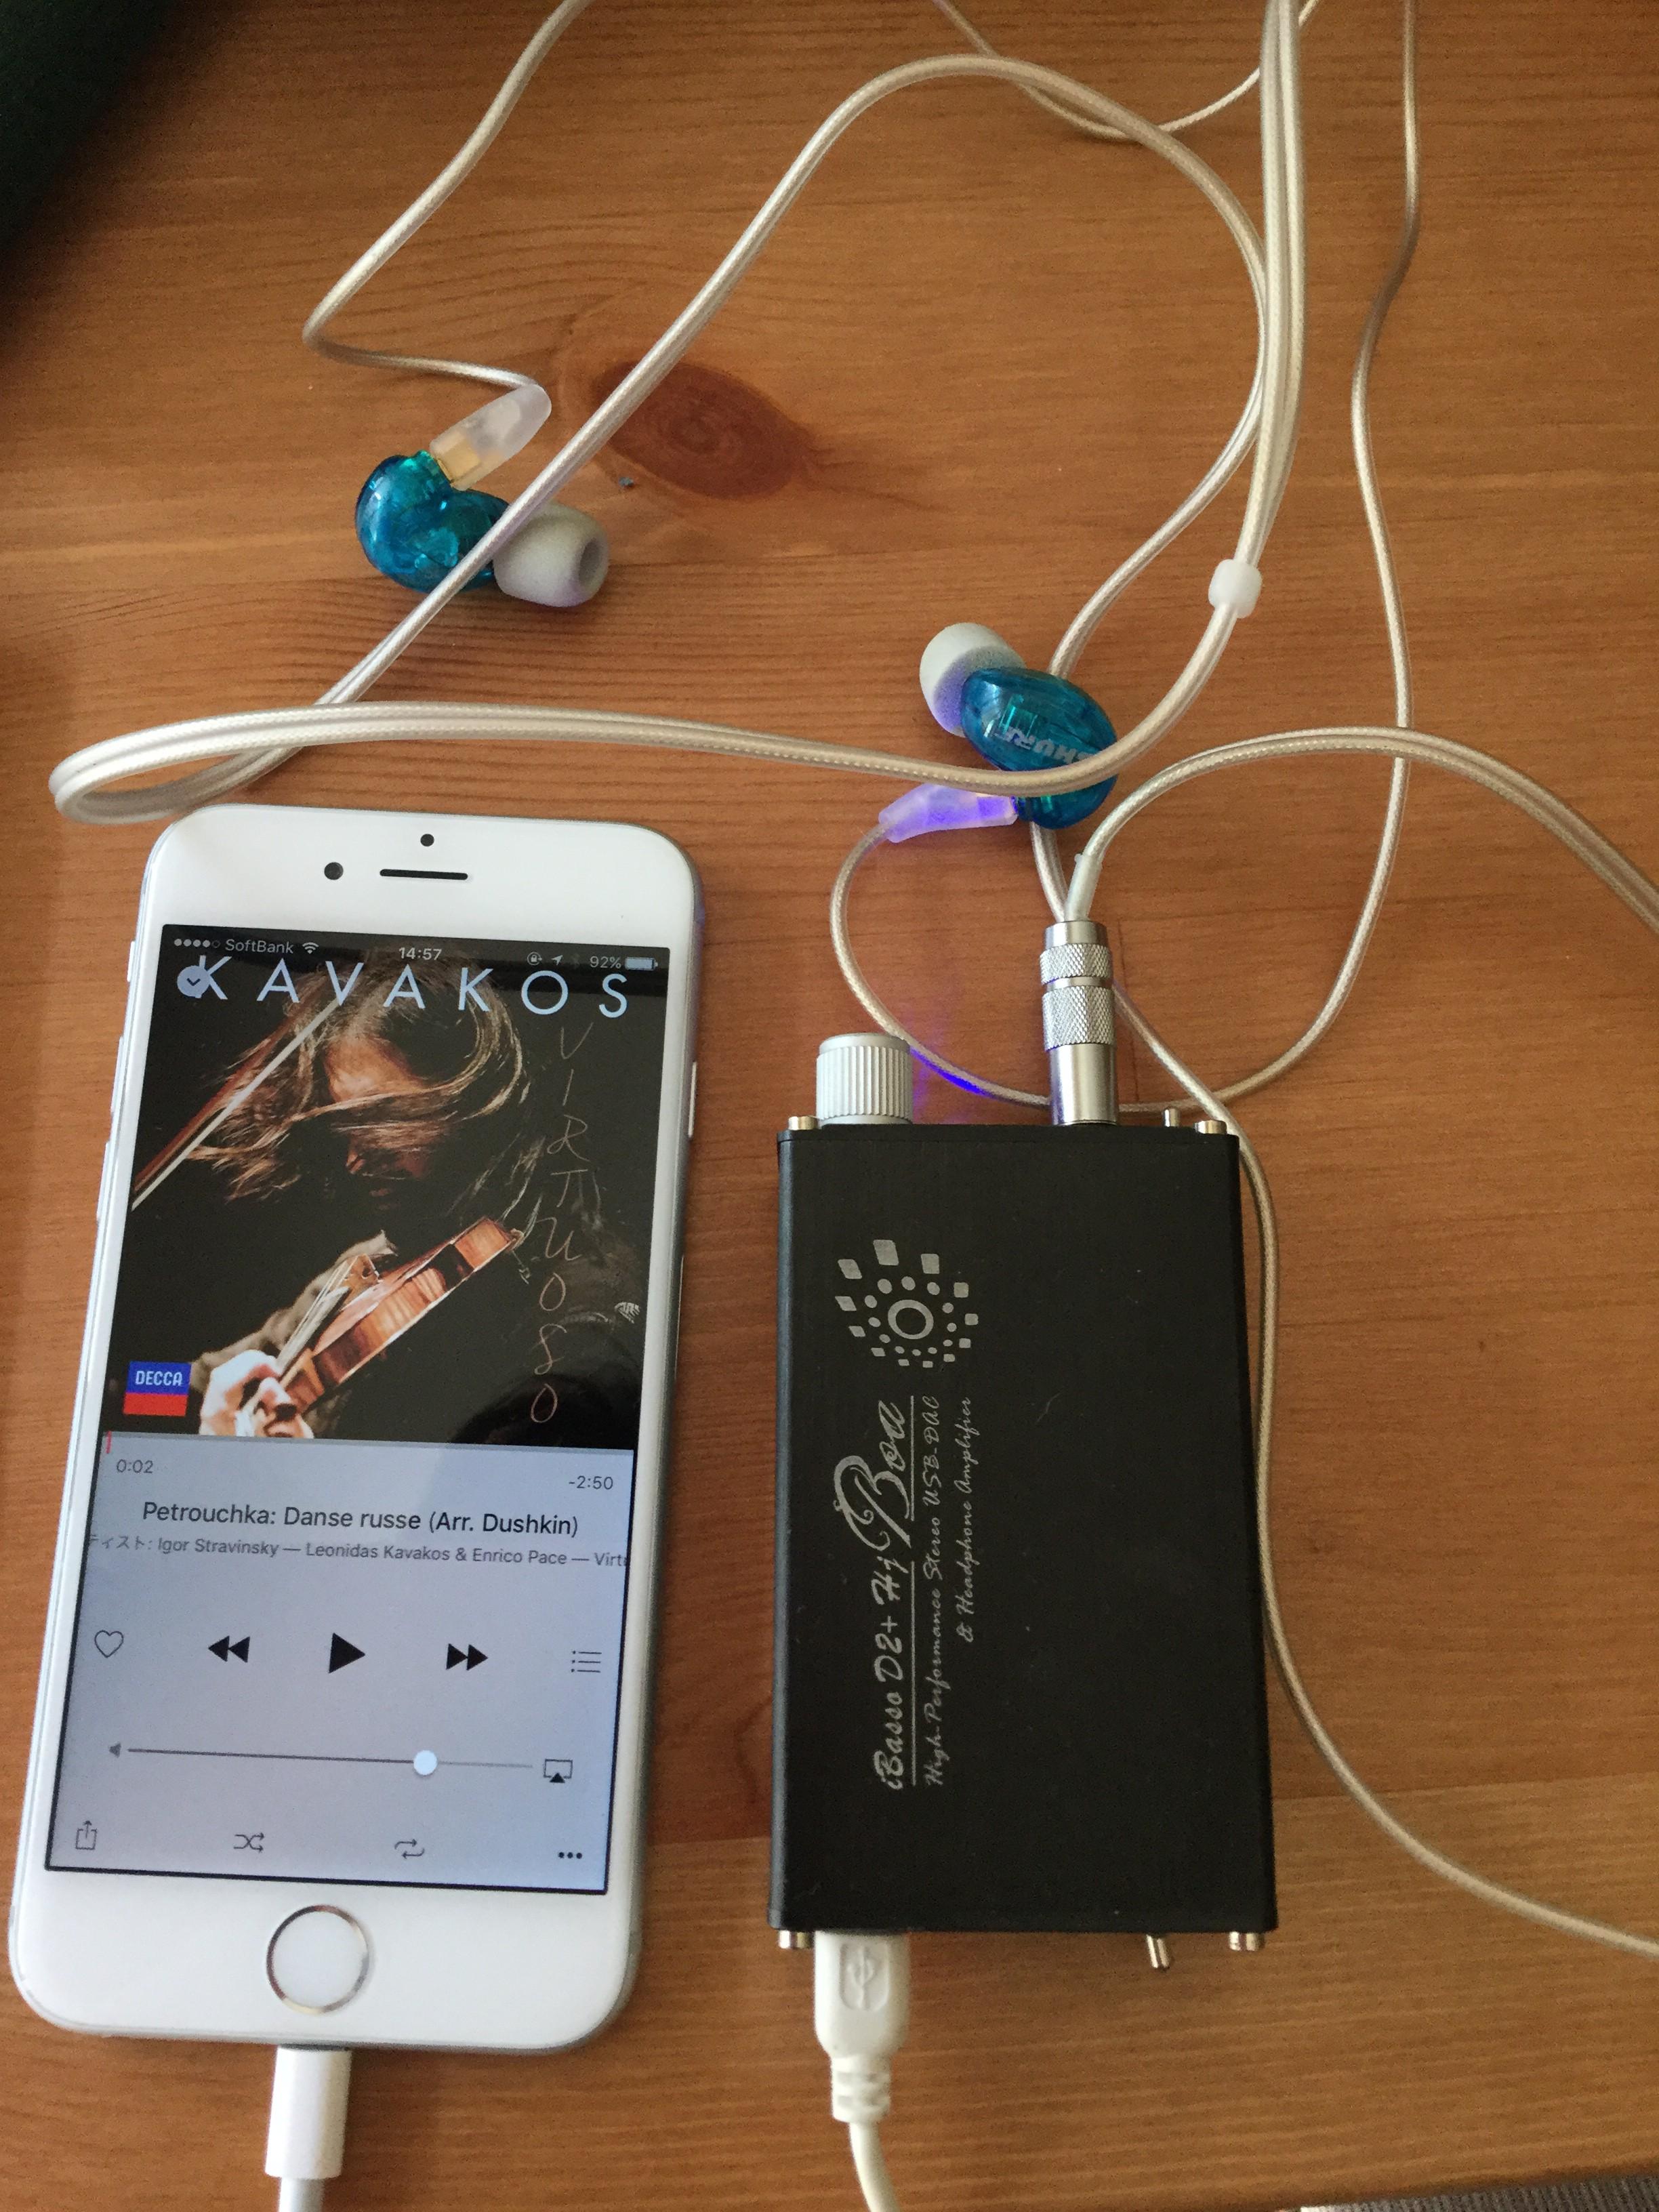 iBasso D2+ Hj BoaをiPhone6で使ってみた